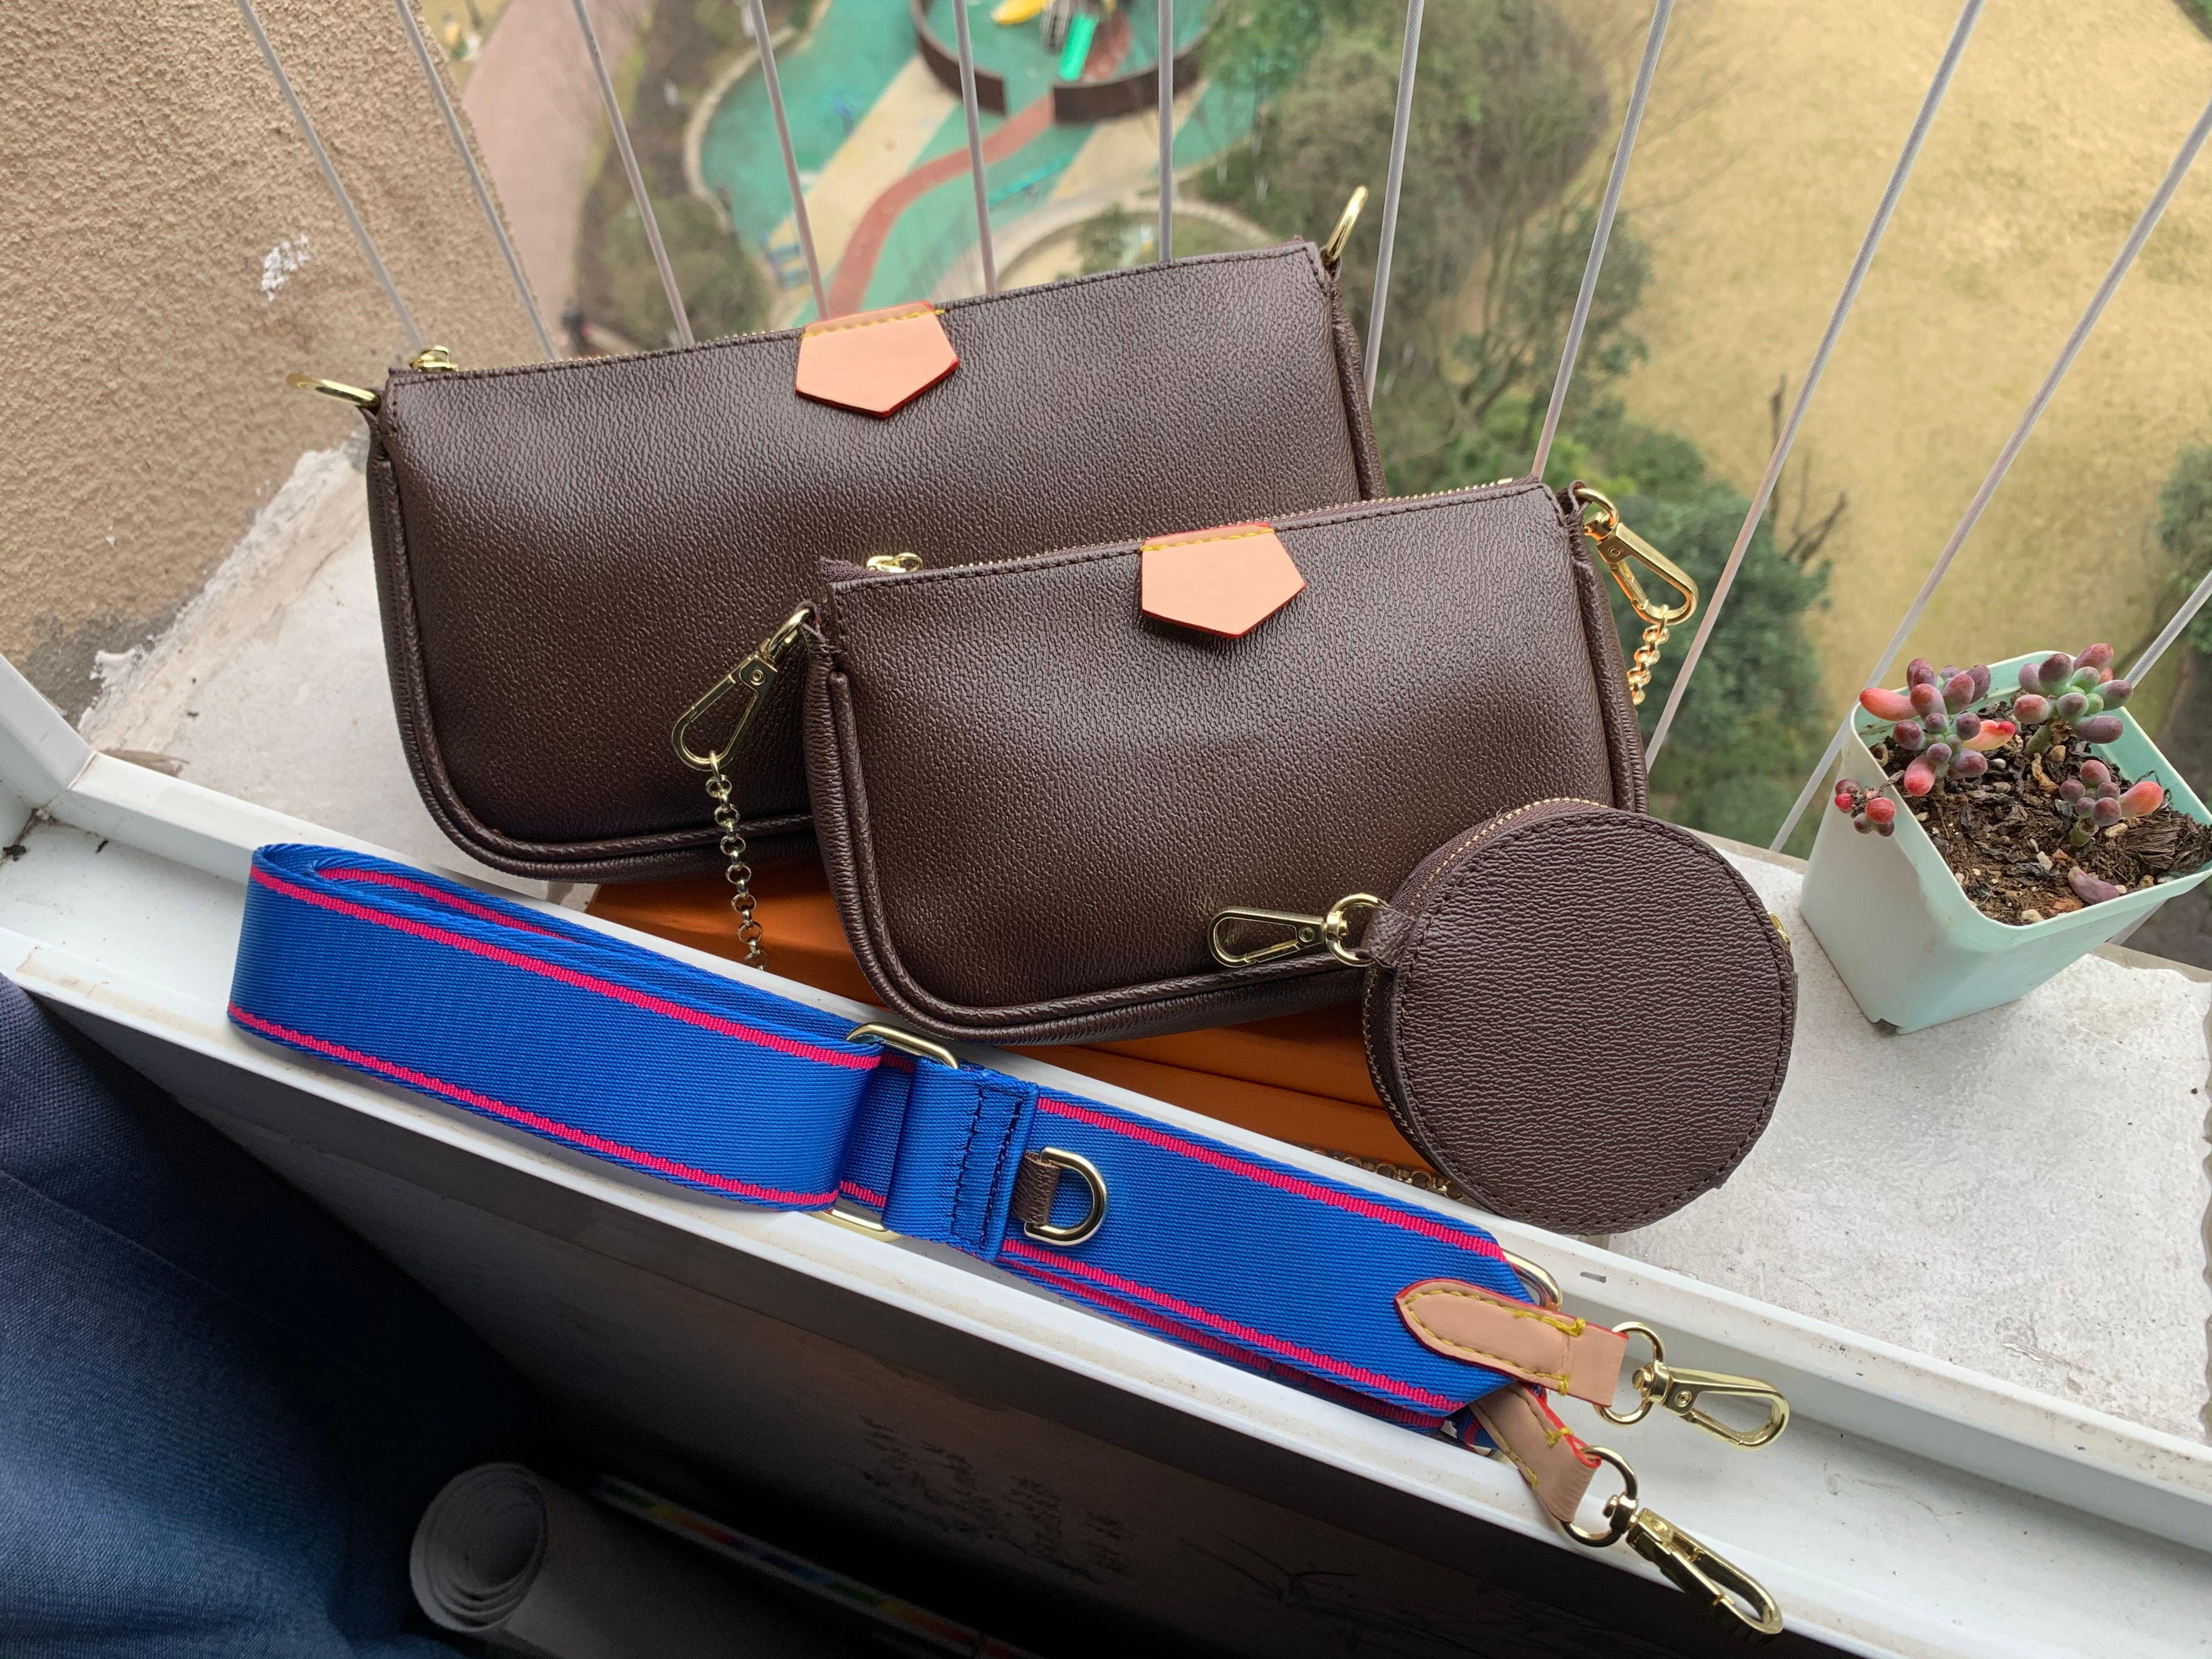 Мода Бесплатная сумка Сумки Bears Best Сумки Сумки Комбинация Кошелек Телефон Телефон Трехсексуальные Продажи Bag OOYCE